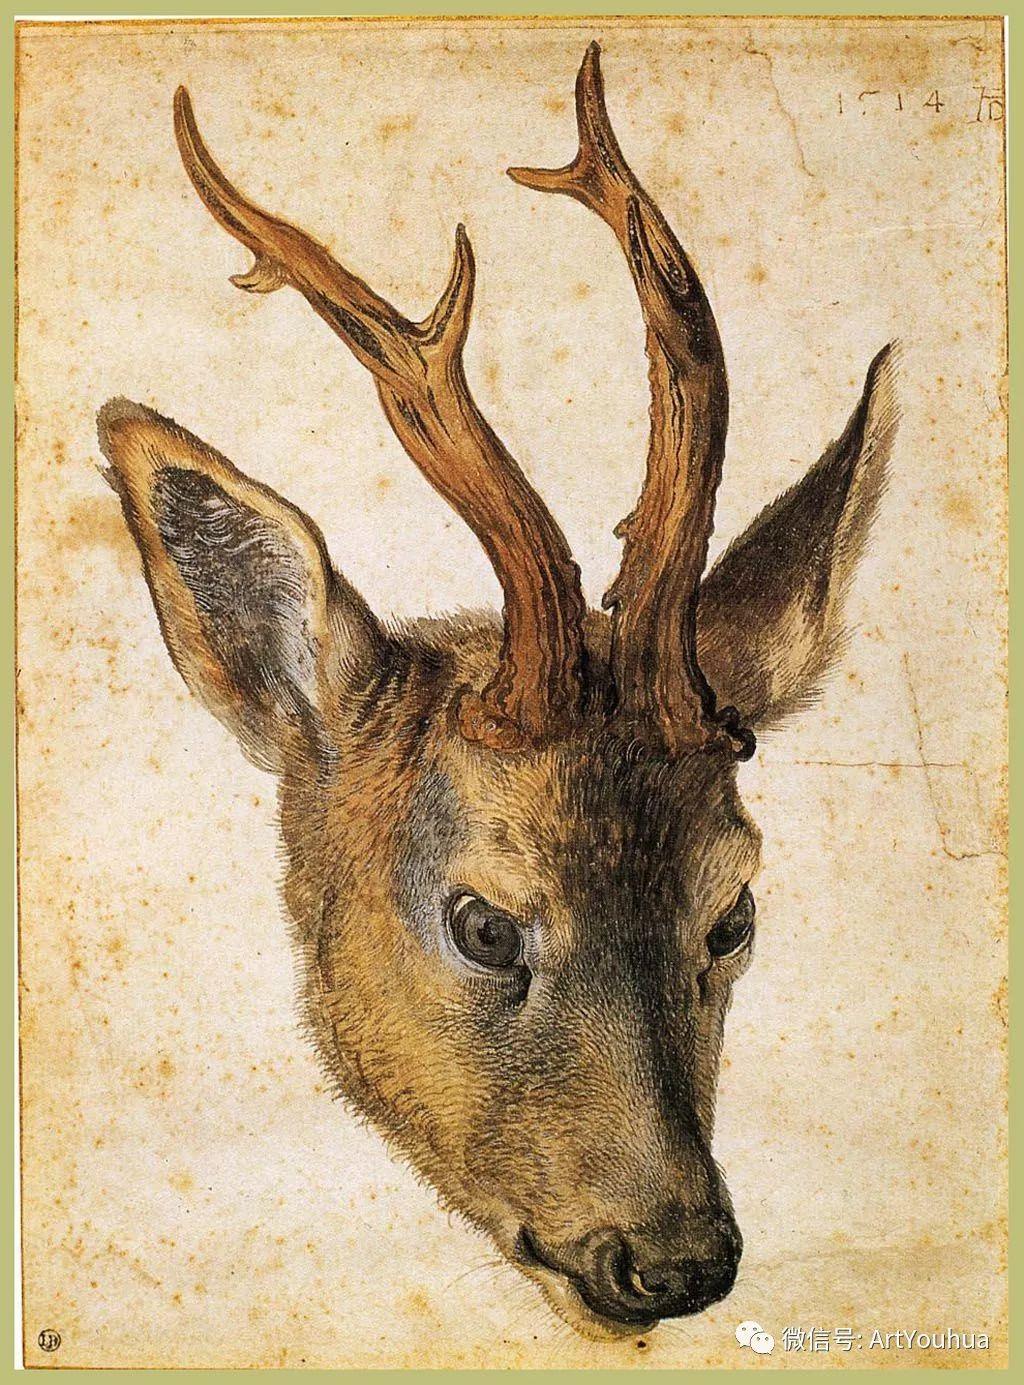 连载No.6 一生要知道的100位世界著名画家之丢勒插图148